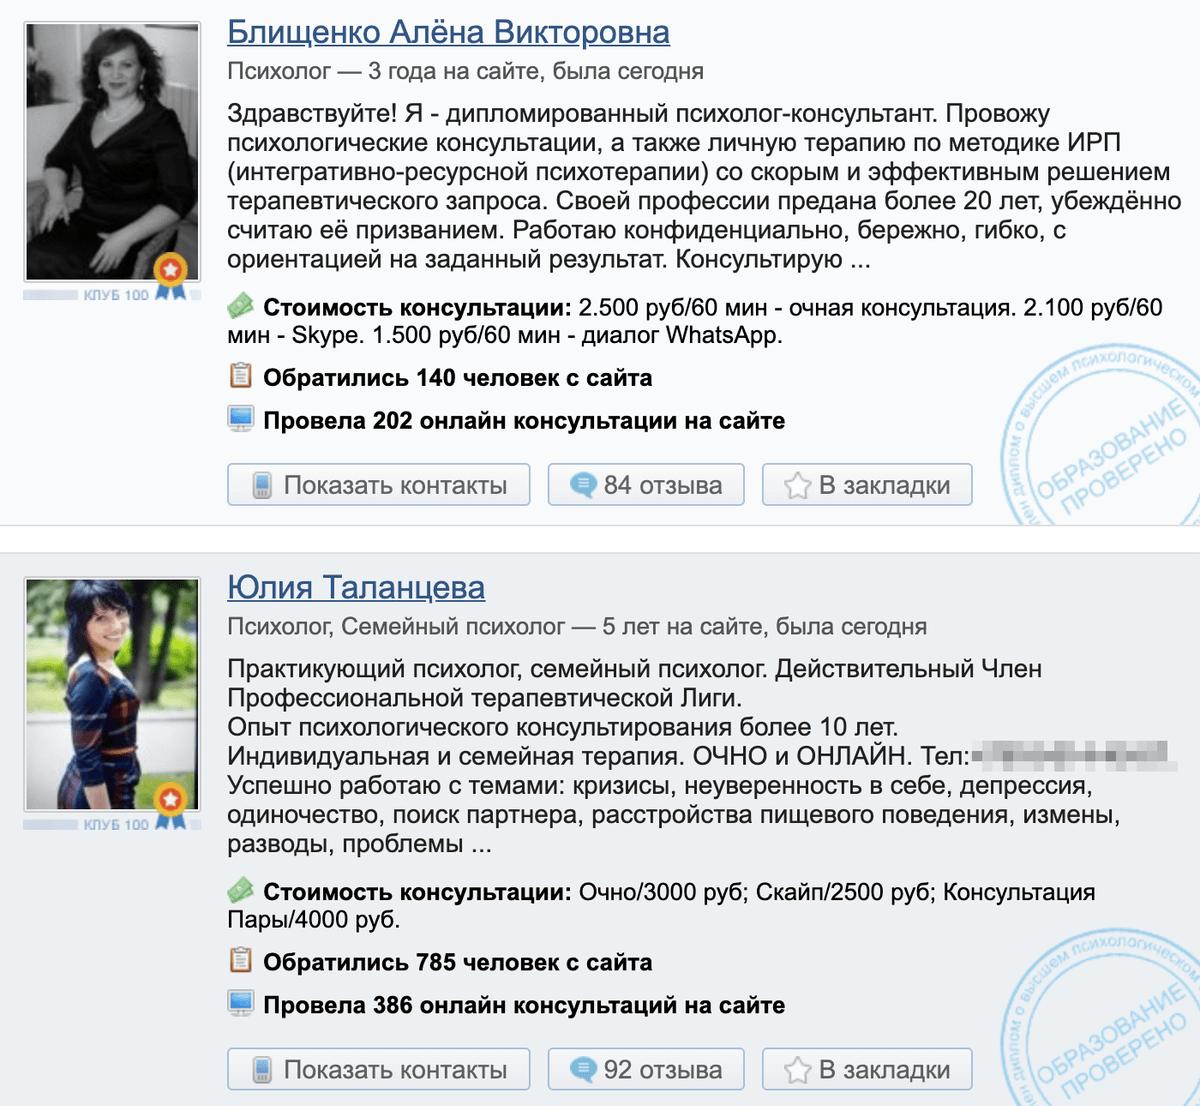 Разница в ценах очных и скайп-консультаций на сайте b17.ru